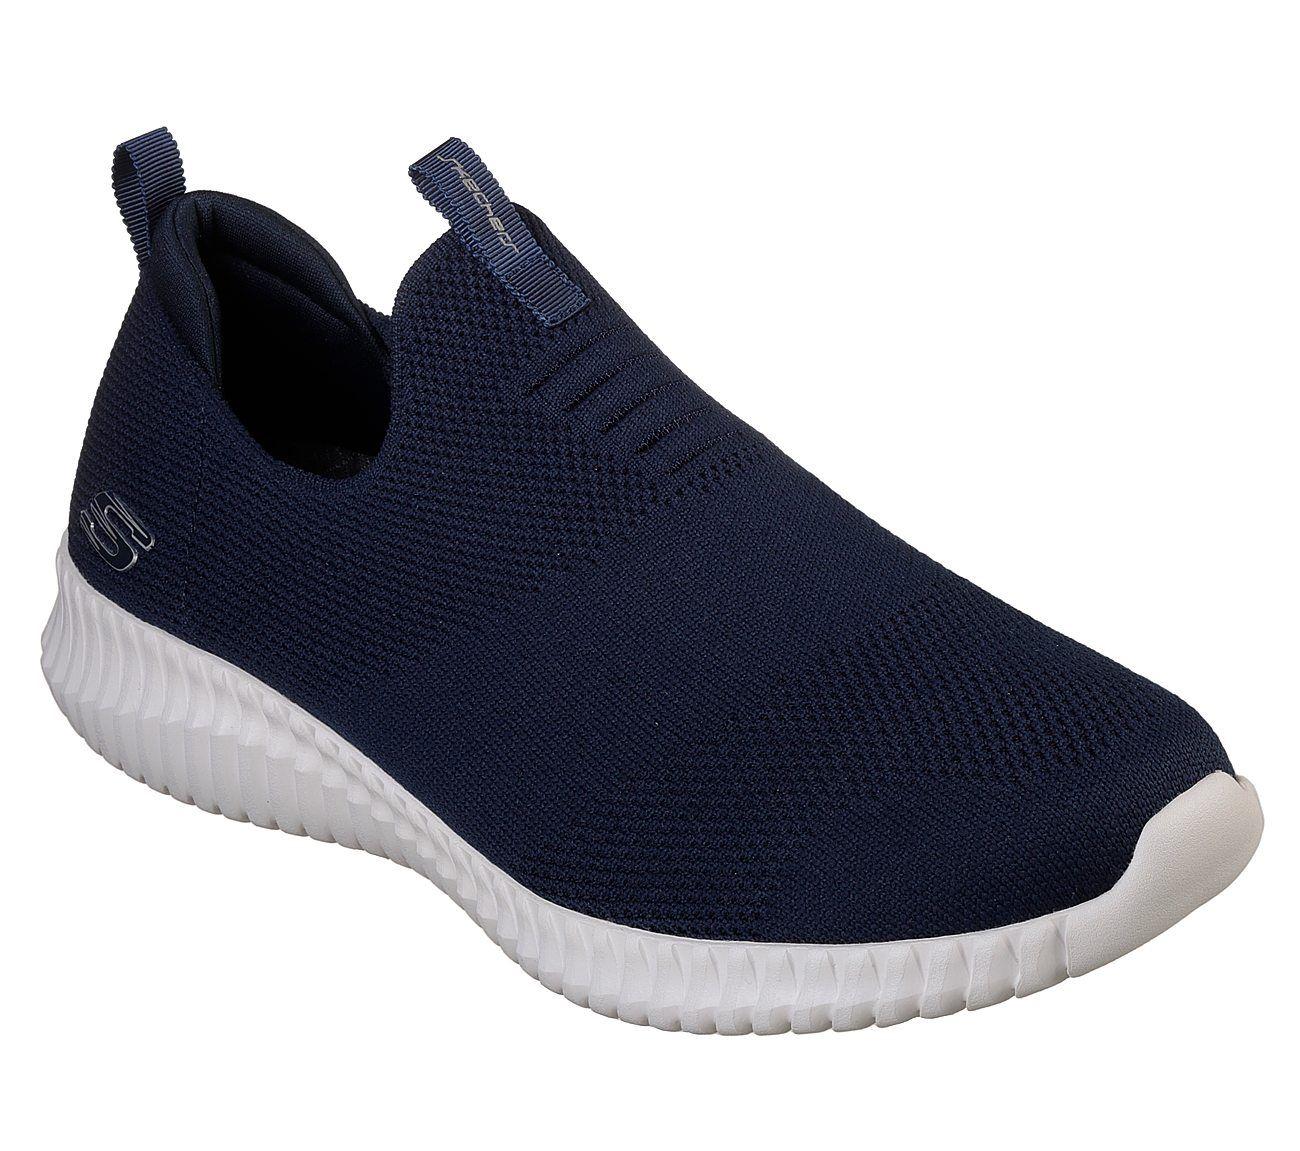 Elite Flex Wasick | Skechers, Dc shoes men, Blue shoes